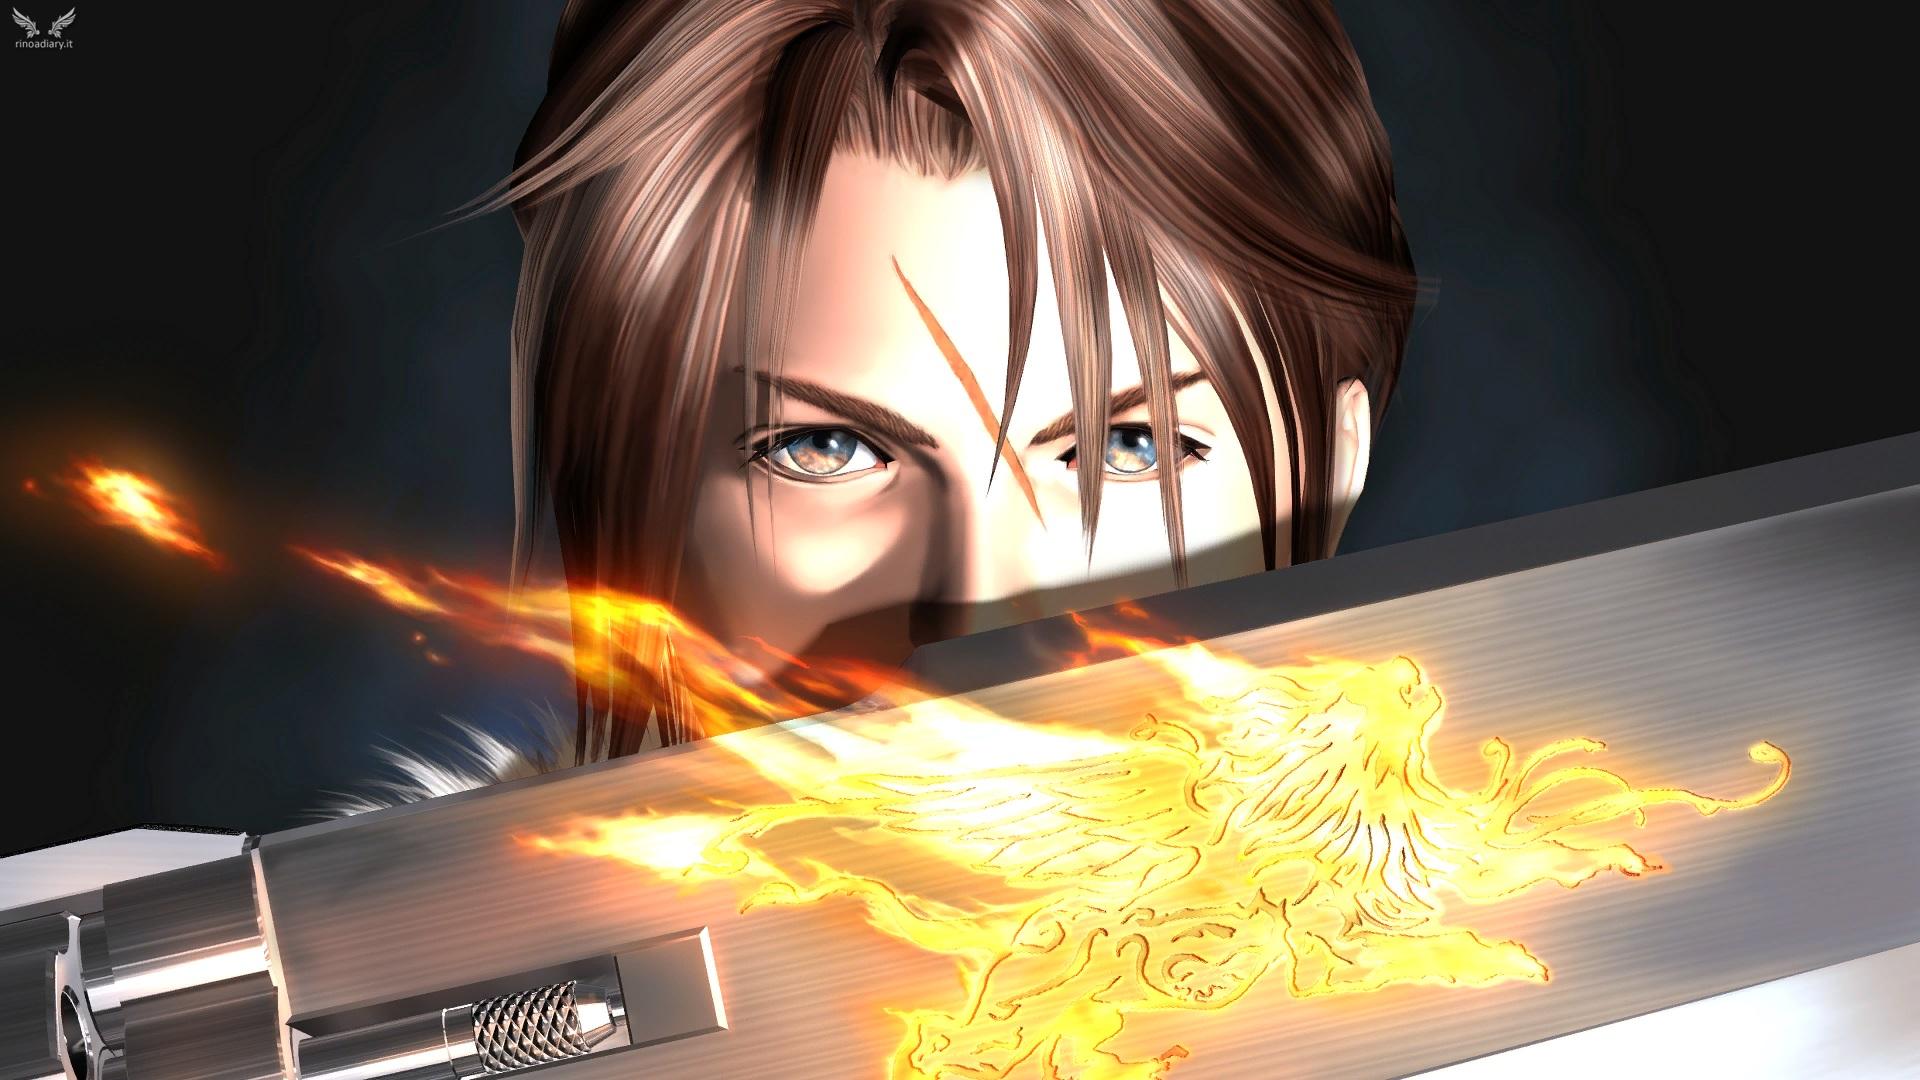 La nostra recensione di Final Fantasy VIII Remastered!